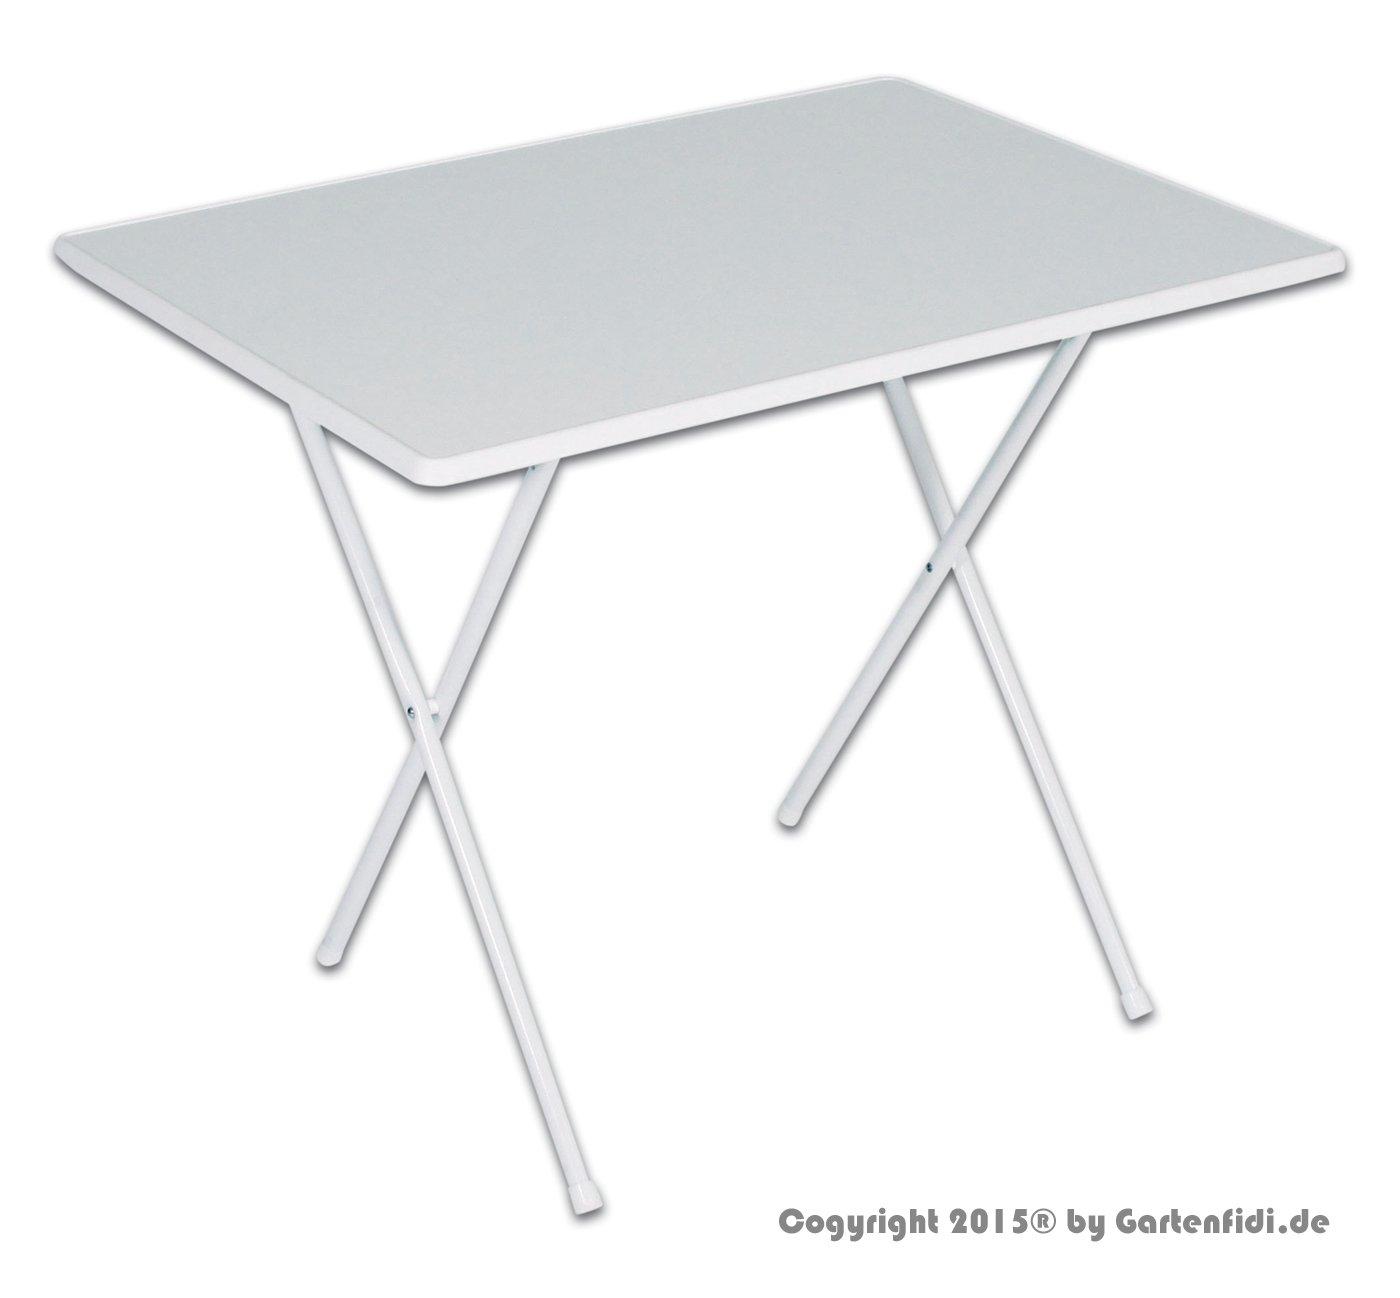 Campingtisch 60 x 80 cm weiß